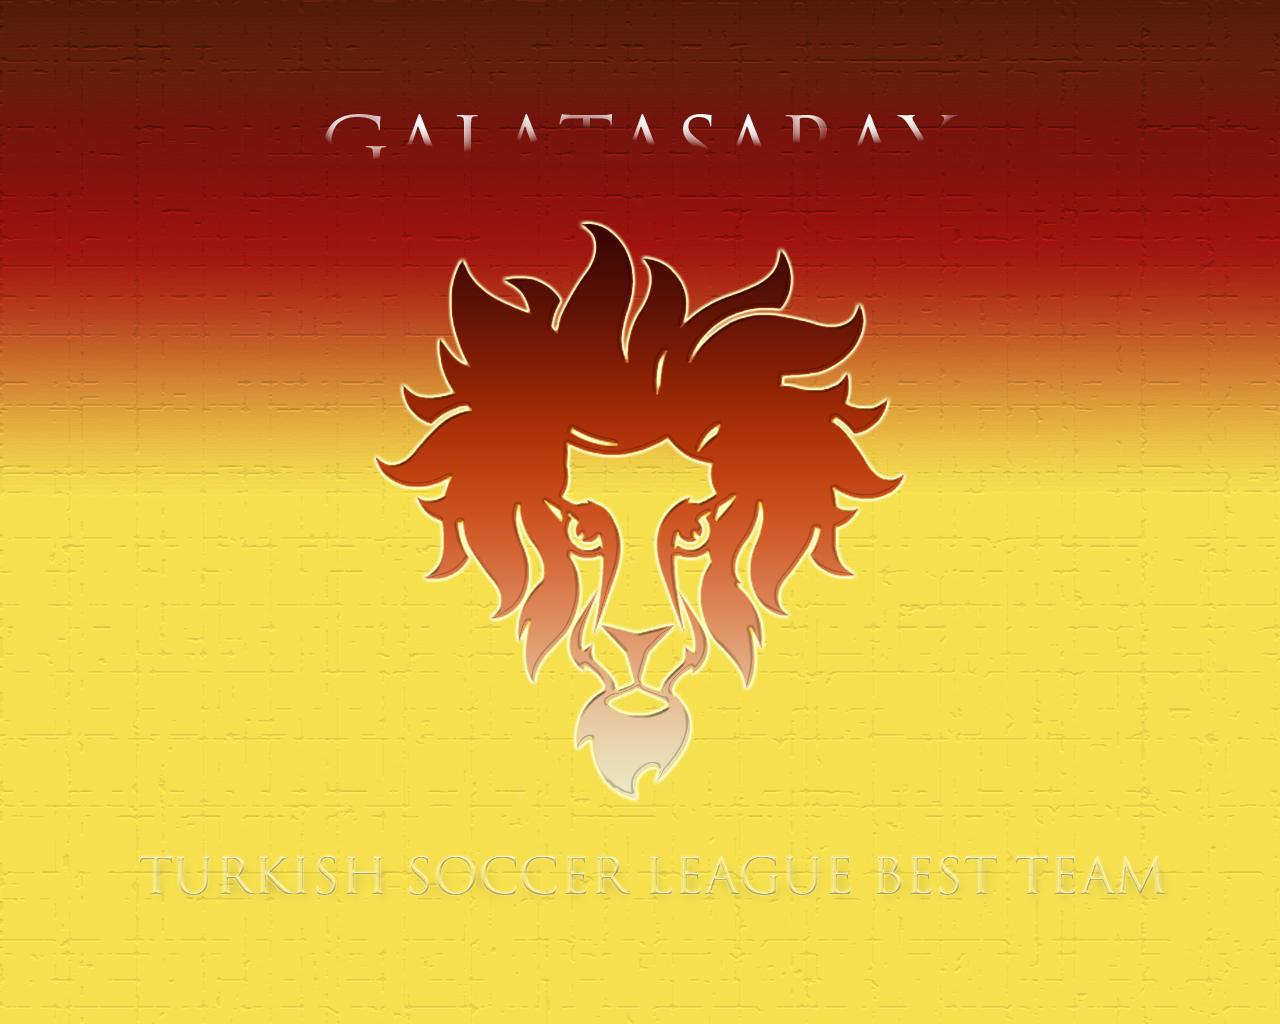 galatasaray best team by dabbex30 d39vjx5 2012 en güzel Galatasaray hd resimleri